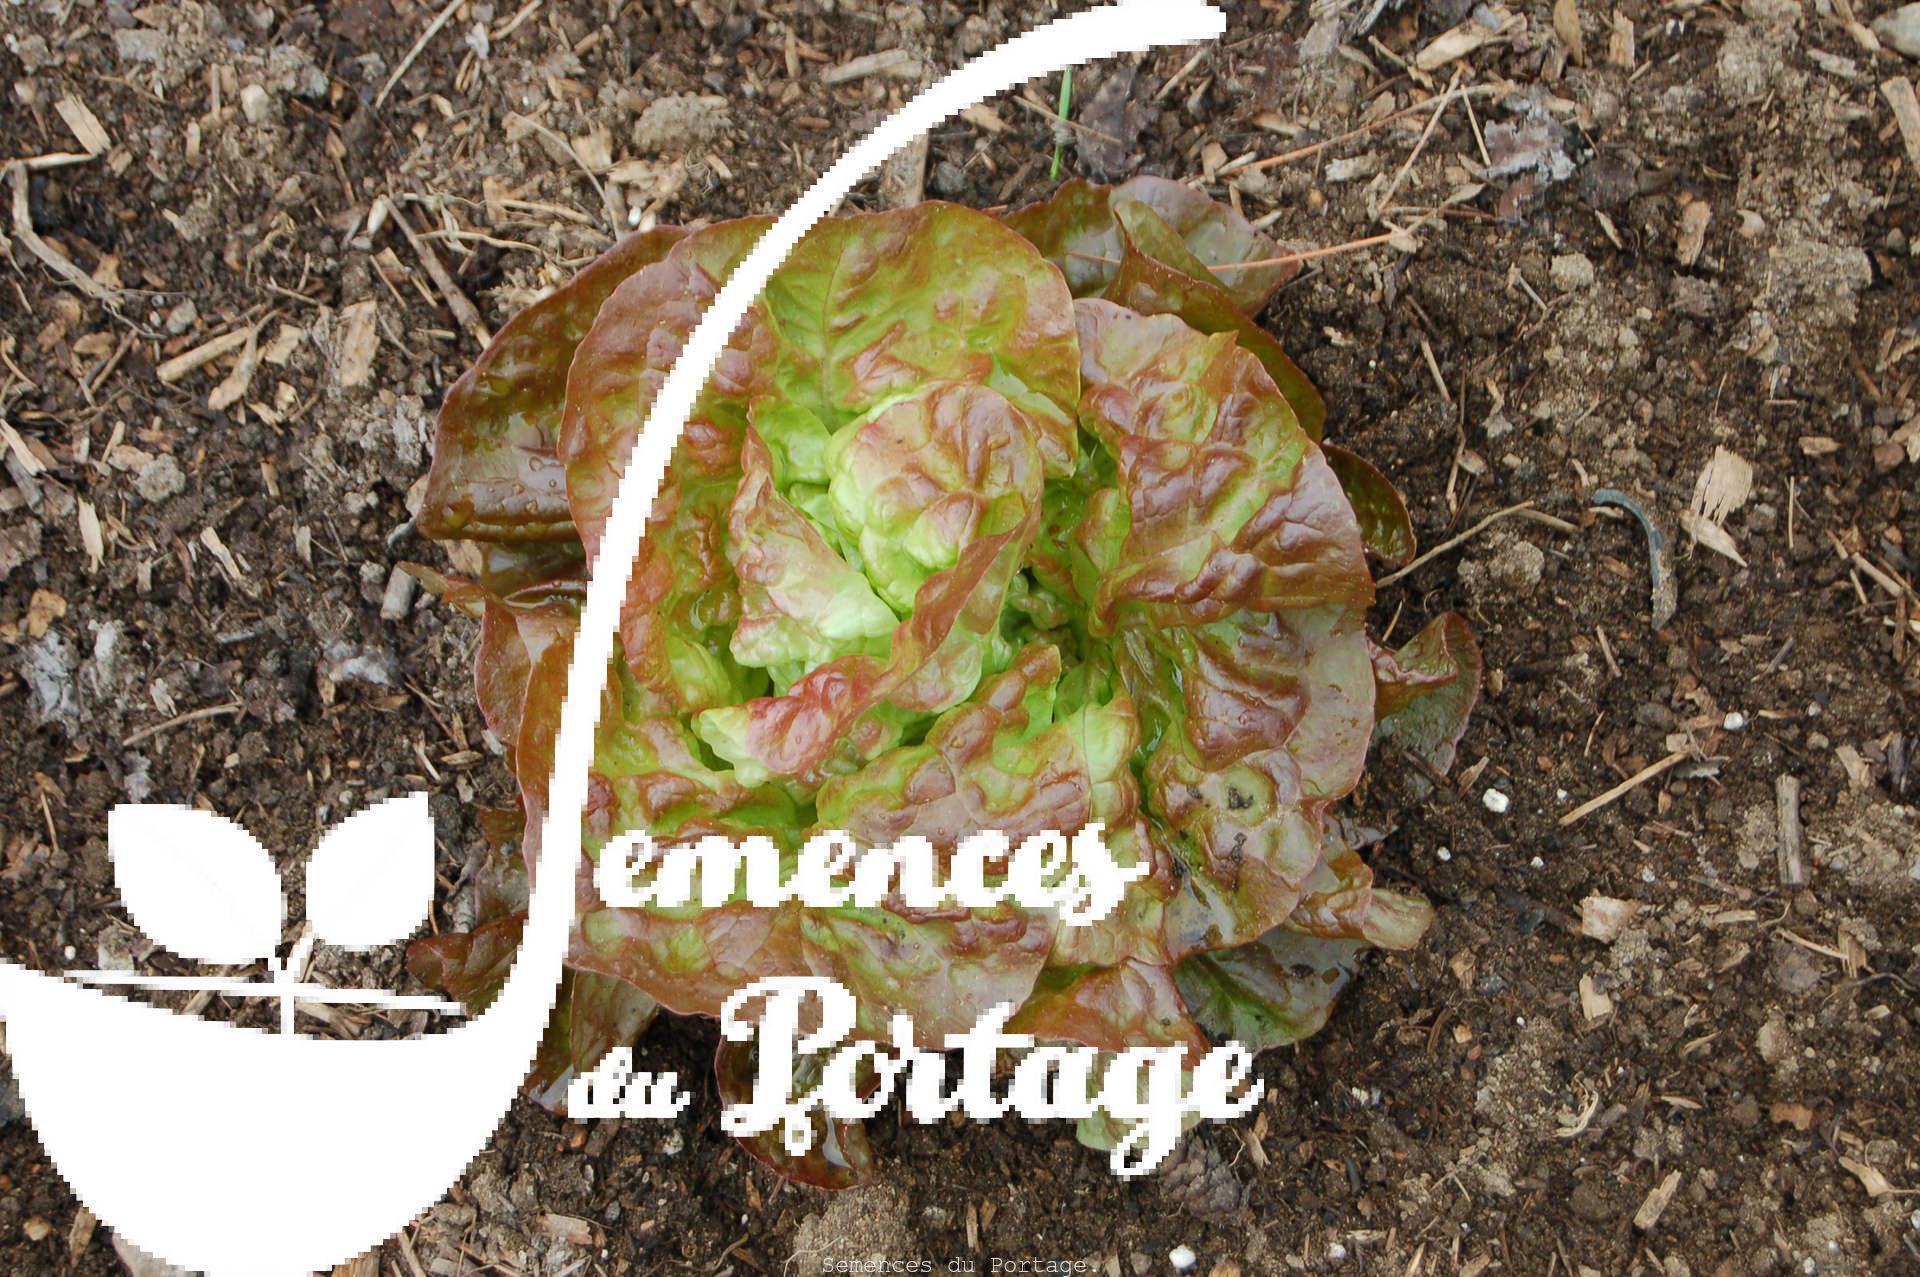 Laitue merveille des quatre saisons semences du portage for Commander des plantes